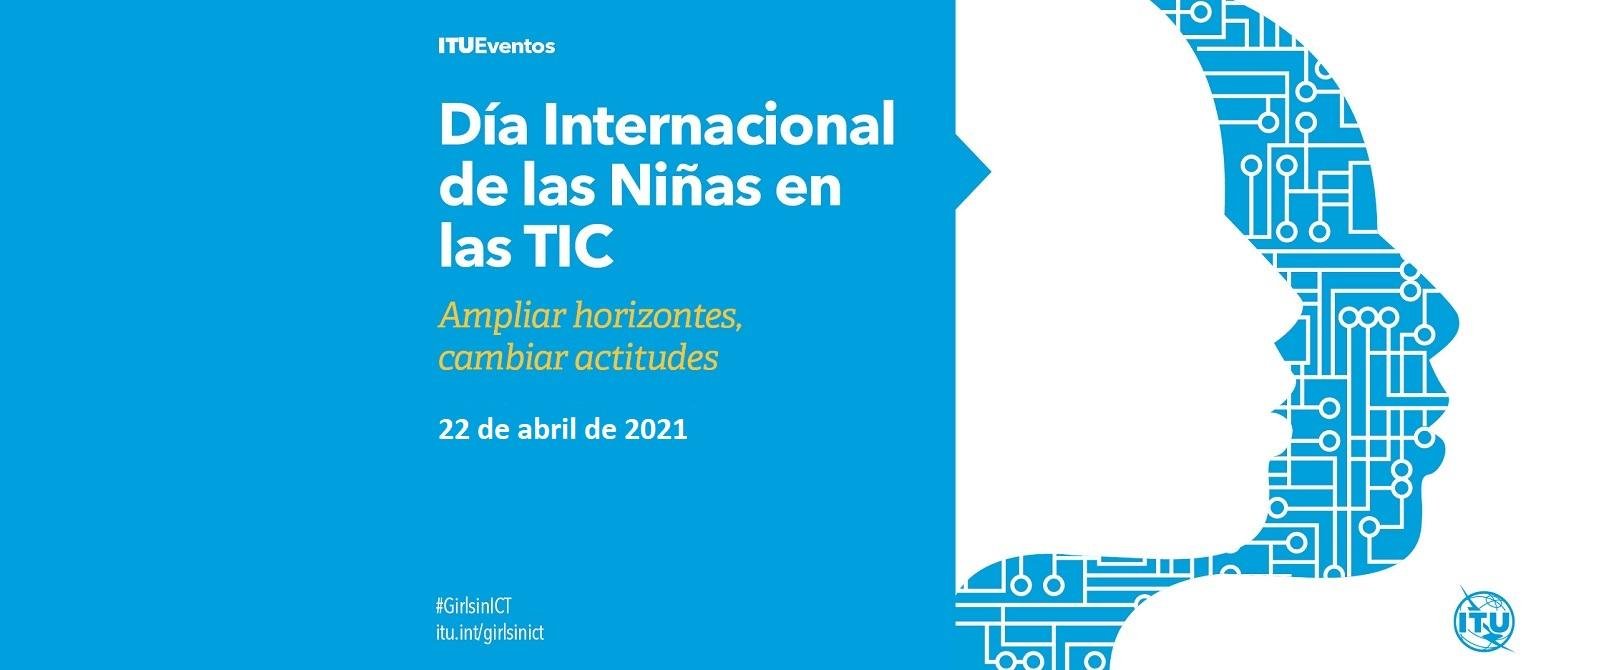 Día Internacional de las Chicas en las TIC.